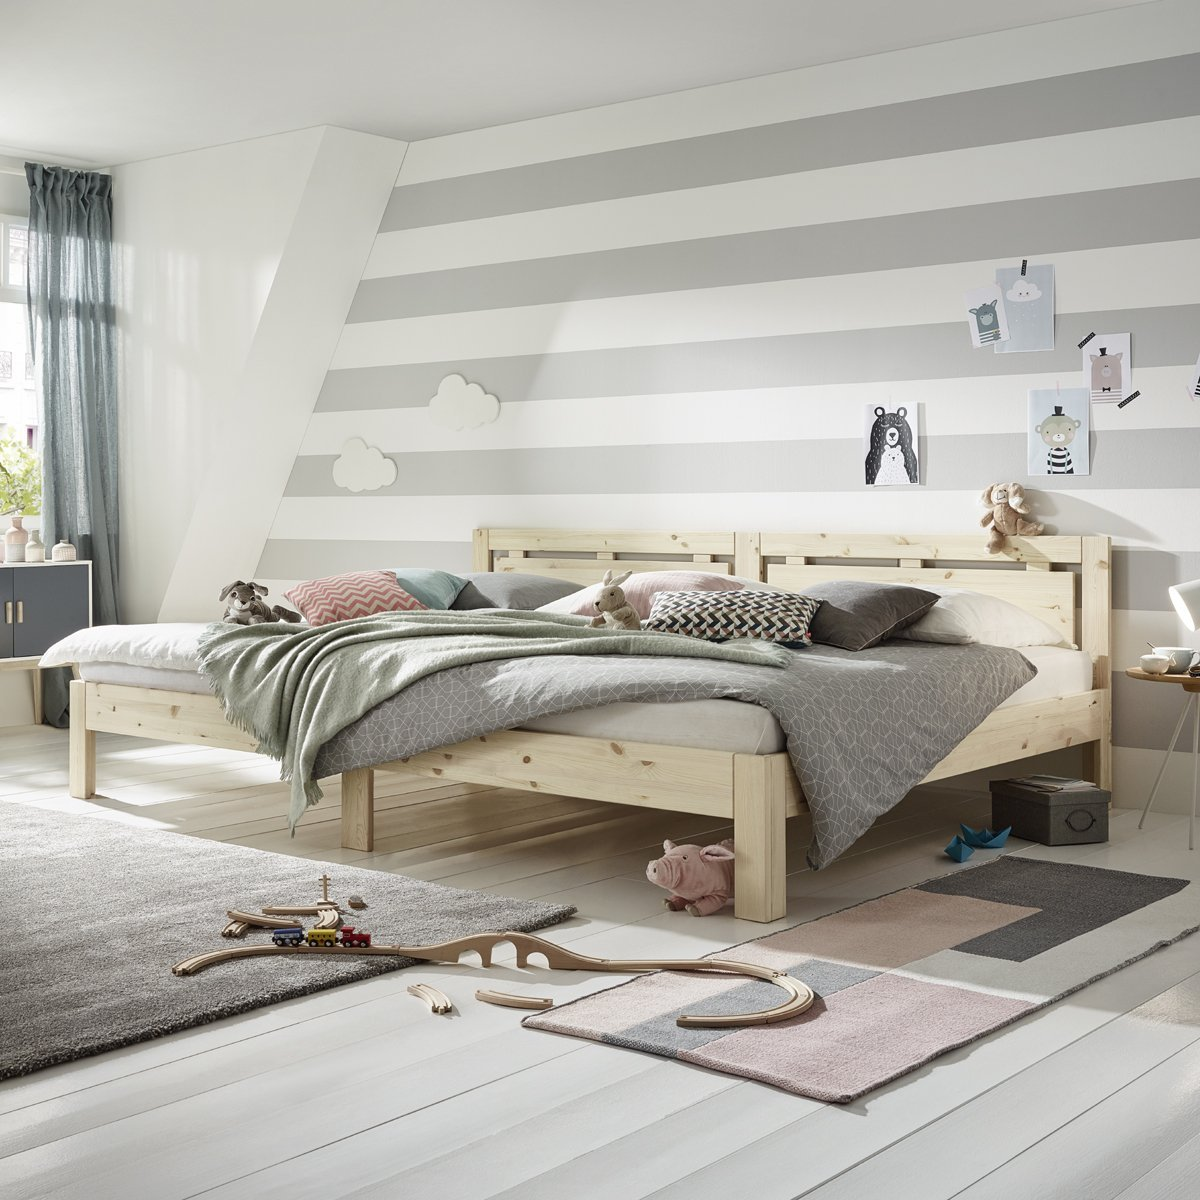 Full Size of Betten überlänge Kreieren Sie Sich Ihr Individuelles Familienbett Tempur Ikea 160x200 Flexa Designer Bock Runde Xxl Hamburg Bett Betten überlänge